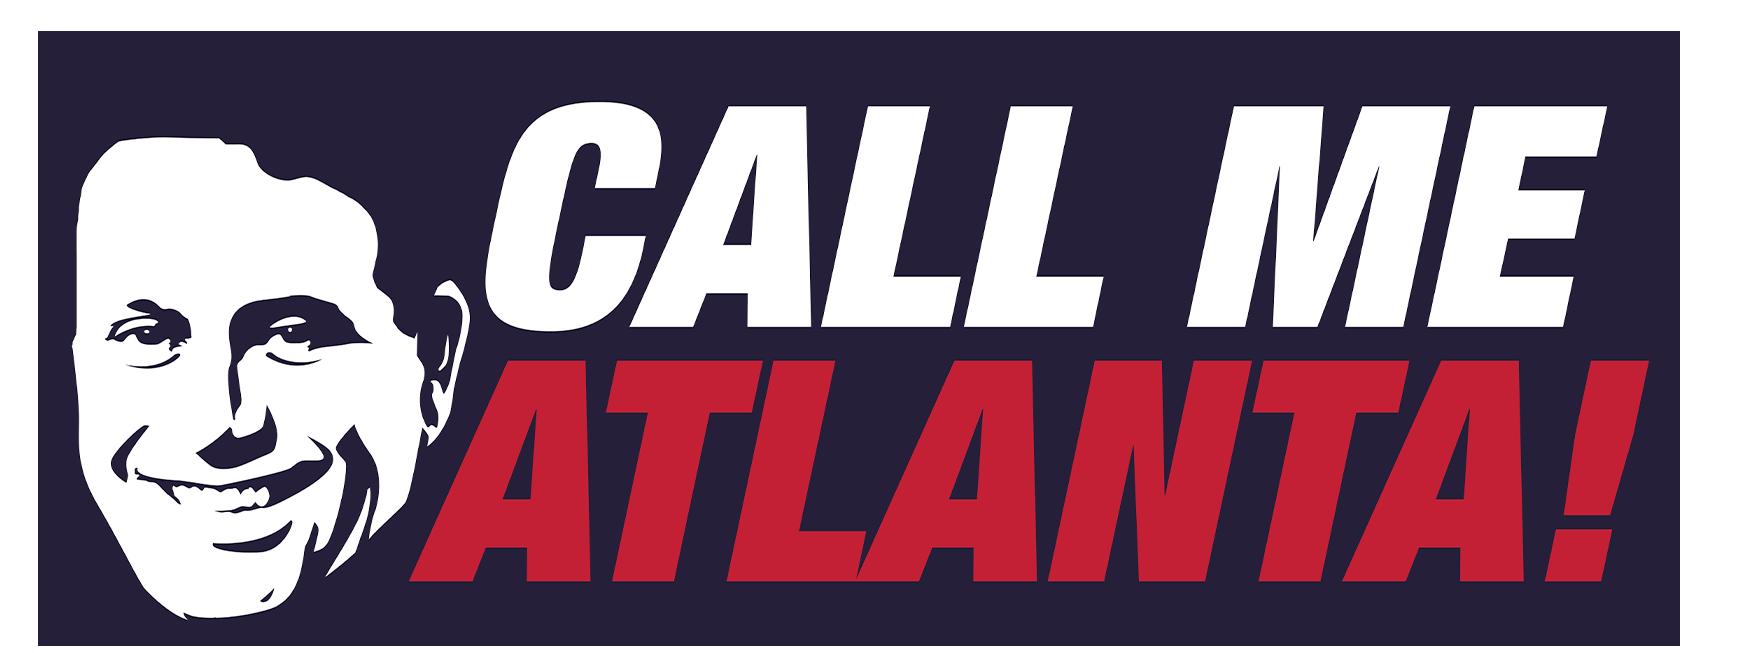 Alexander Shunnarah Trial Attorneys Announces New Personal Injury Website CallMeAtlanta.com